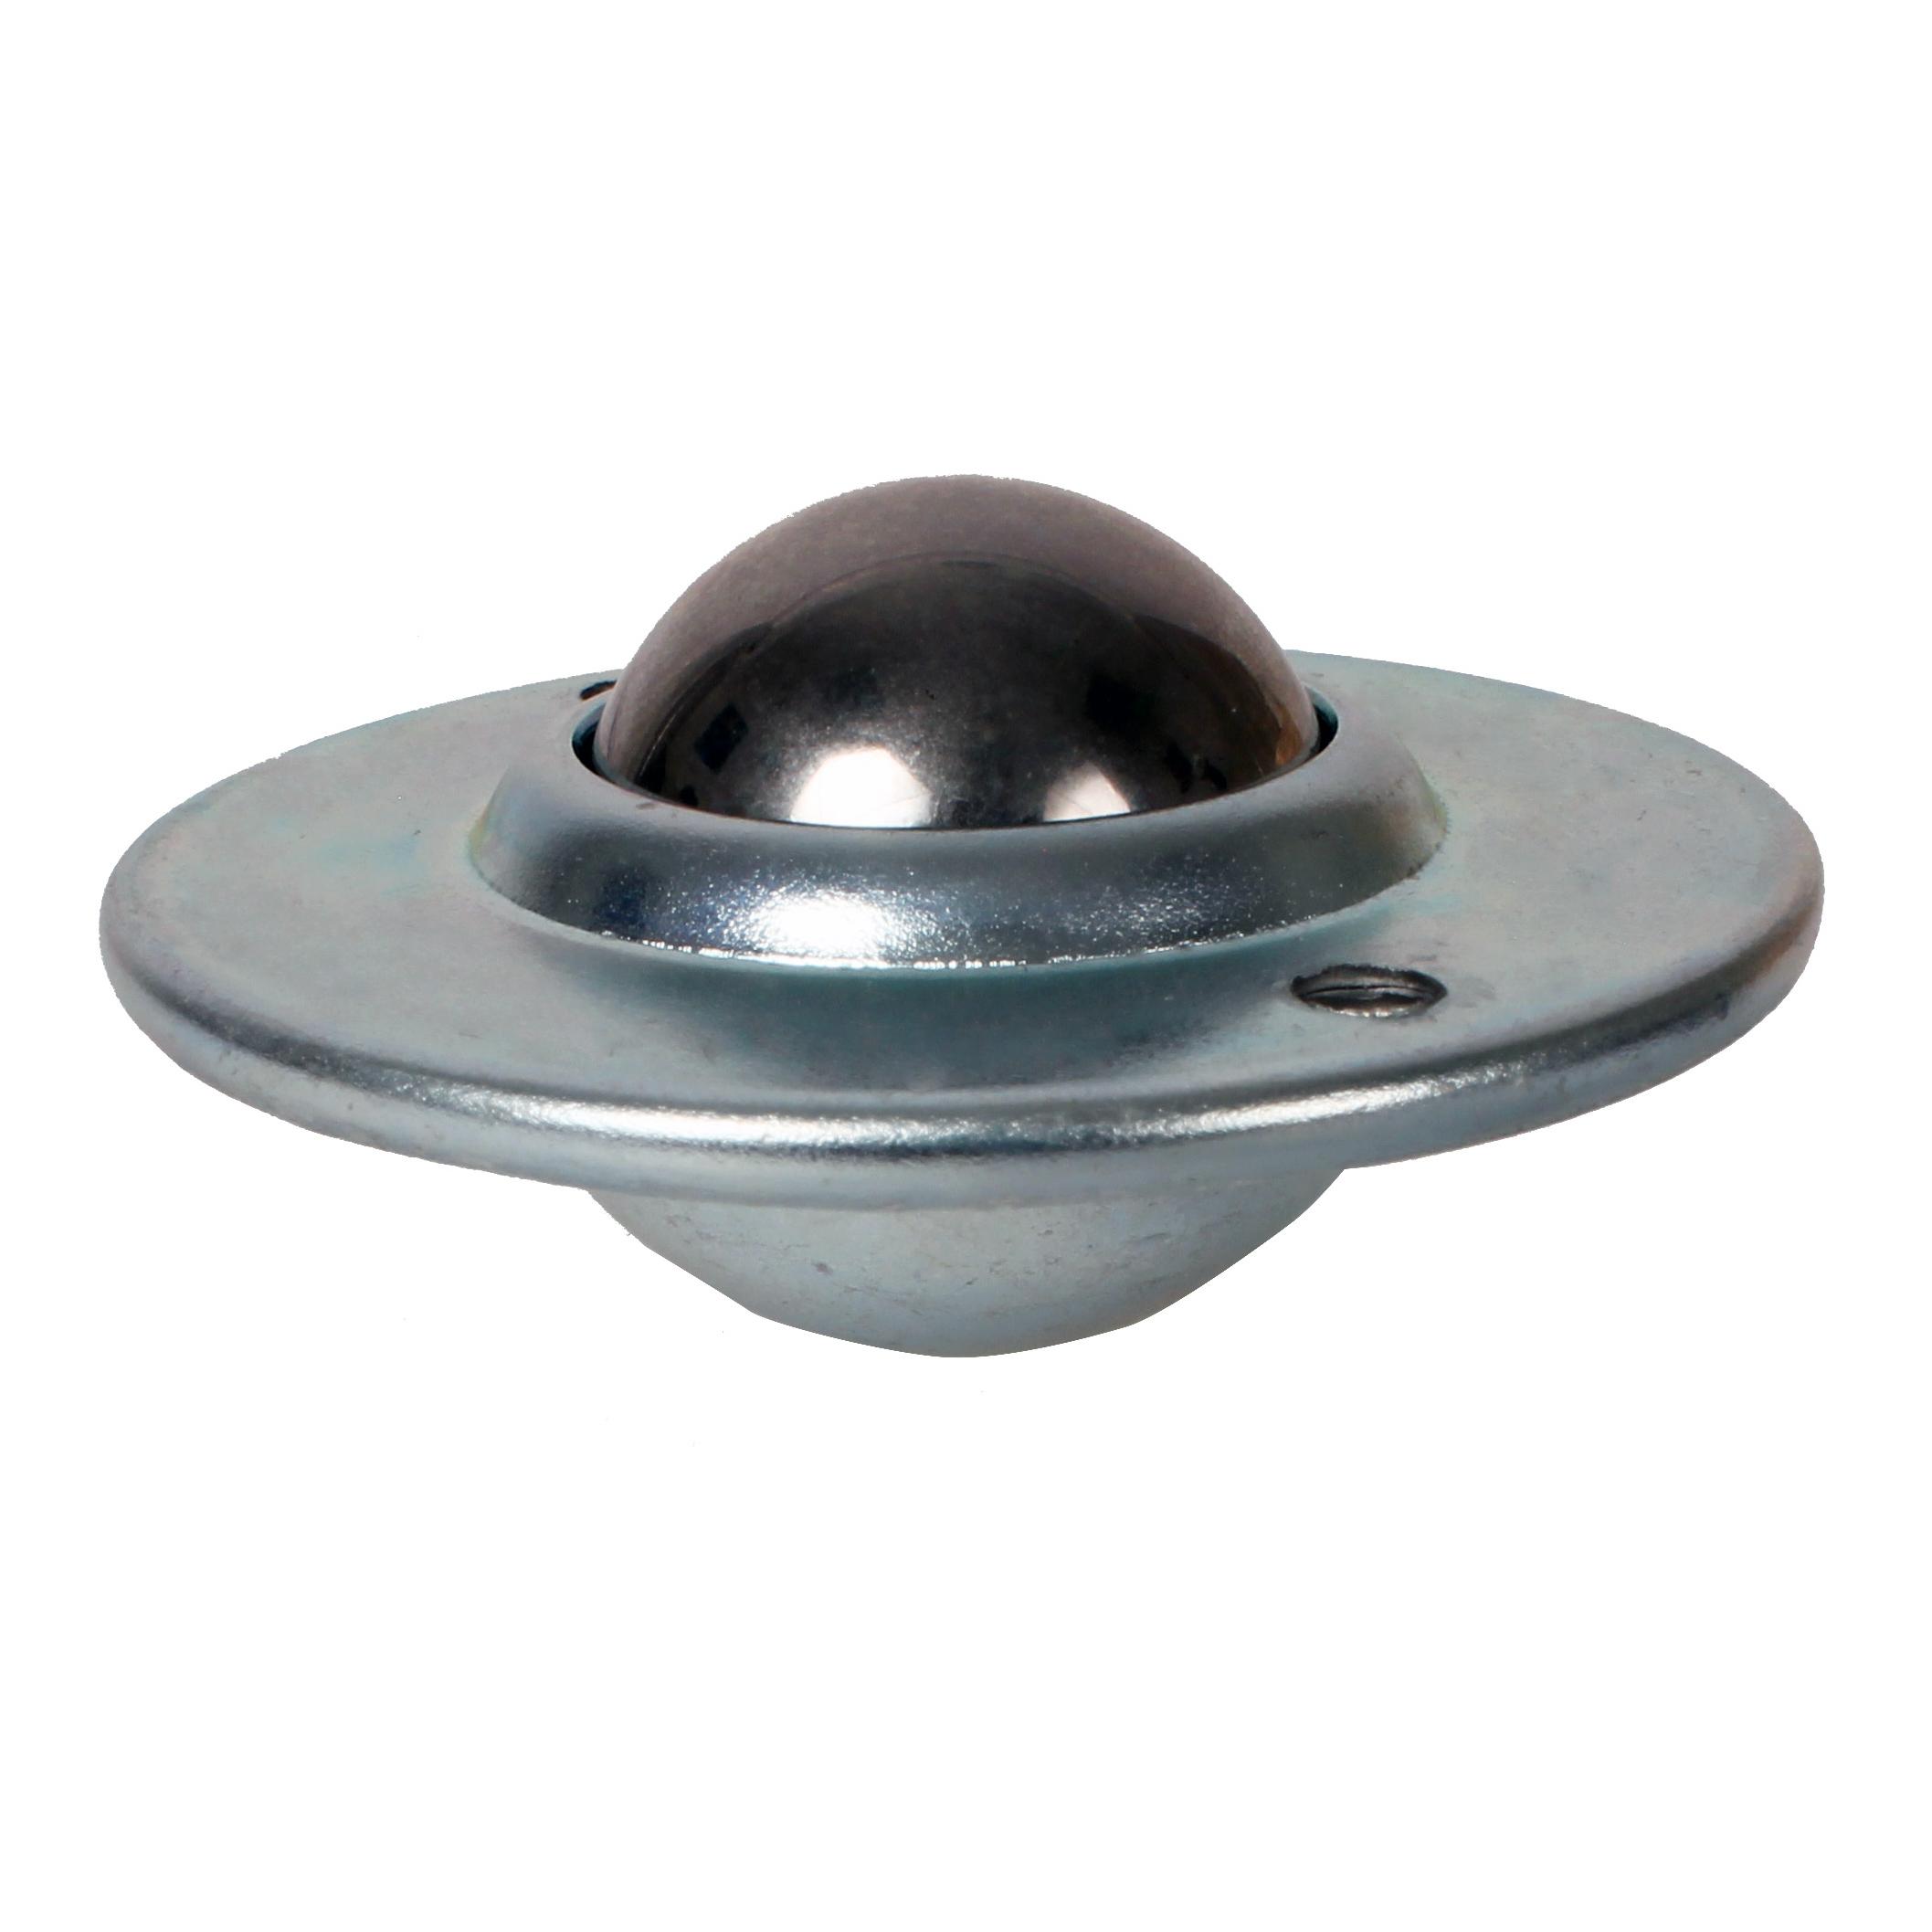 Ball transfer unit - Light - Steel body, steel balls - Flush fitting